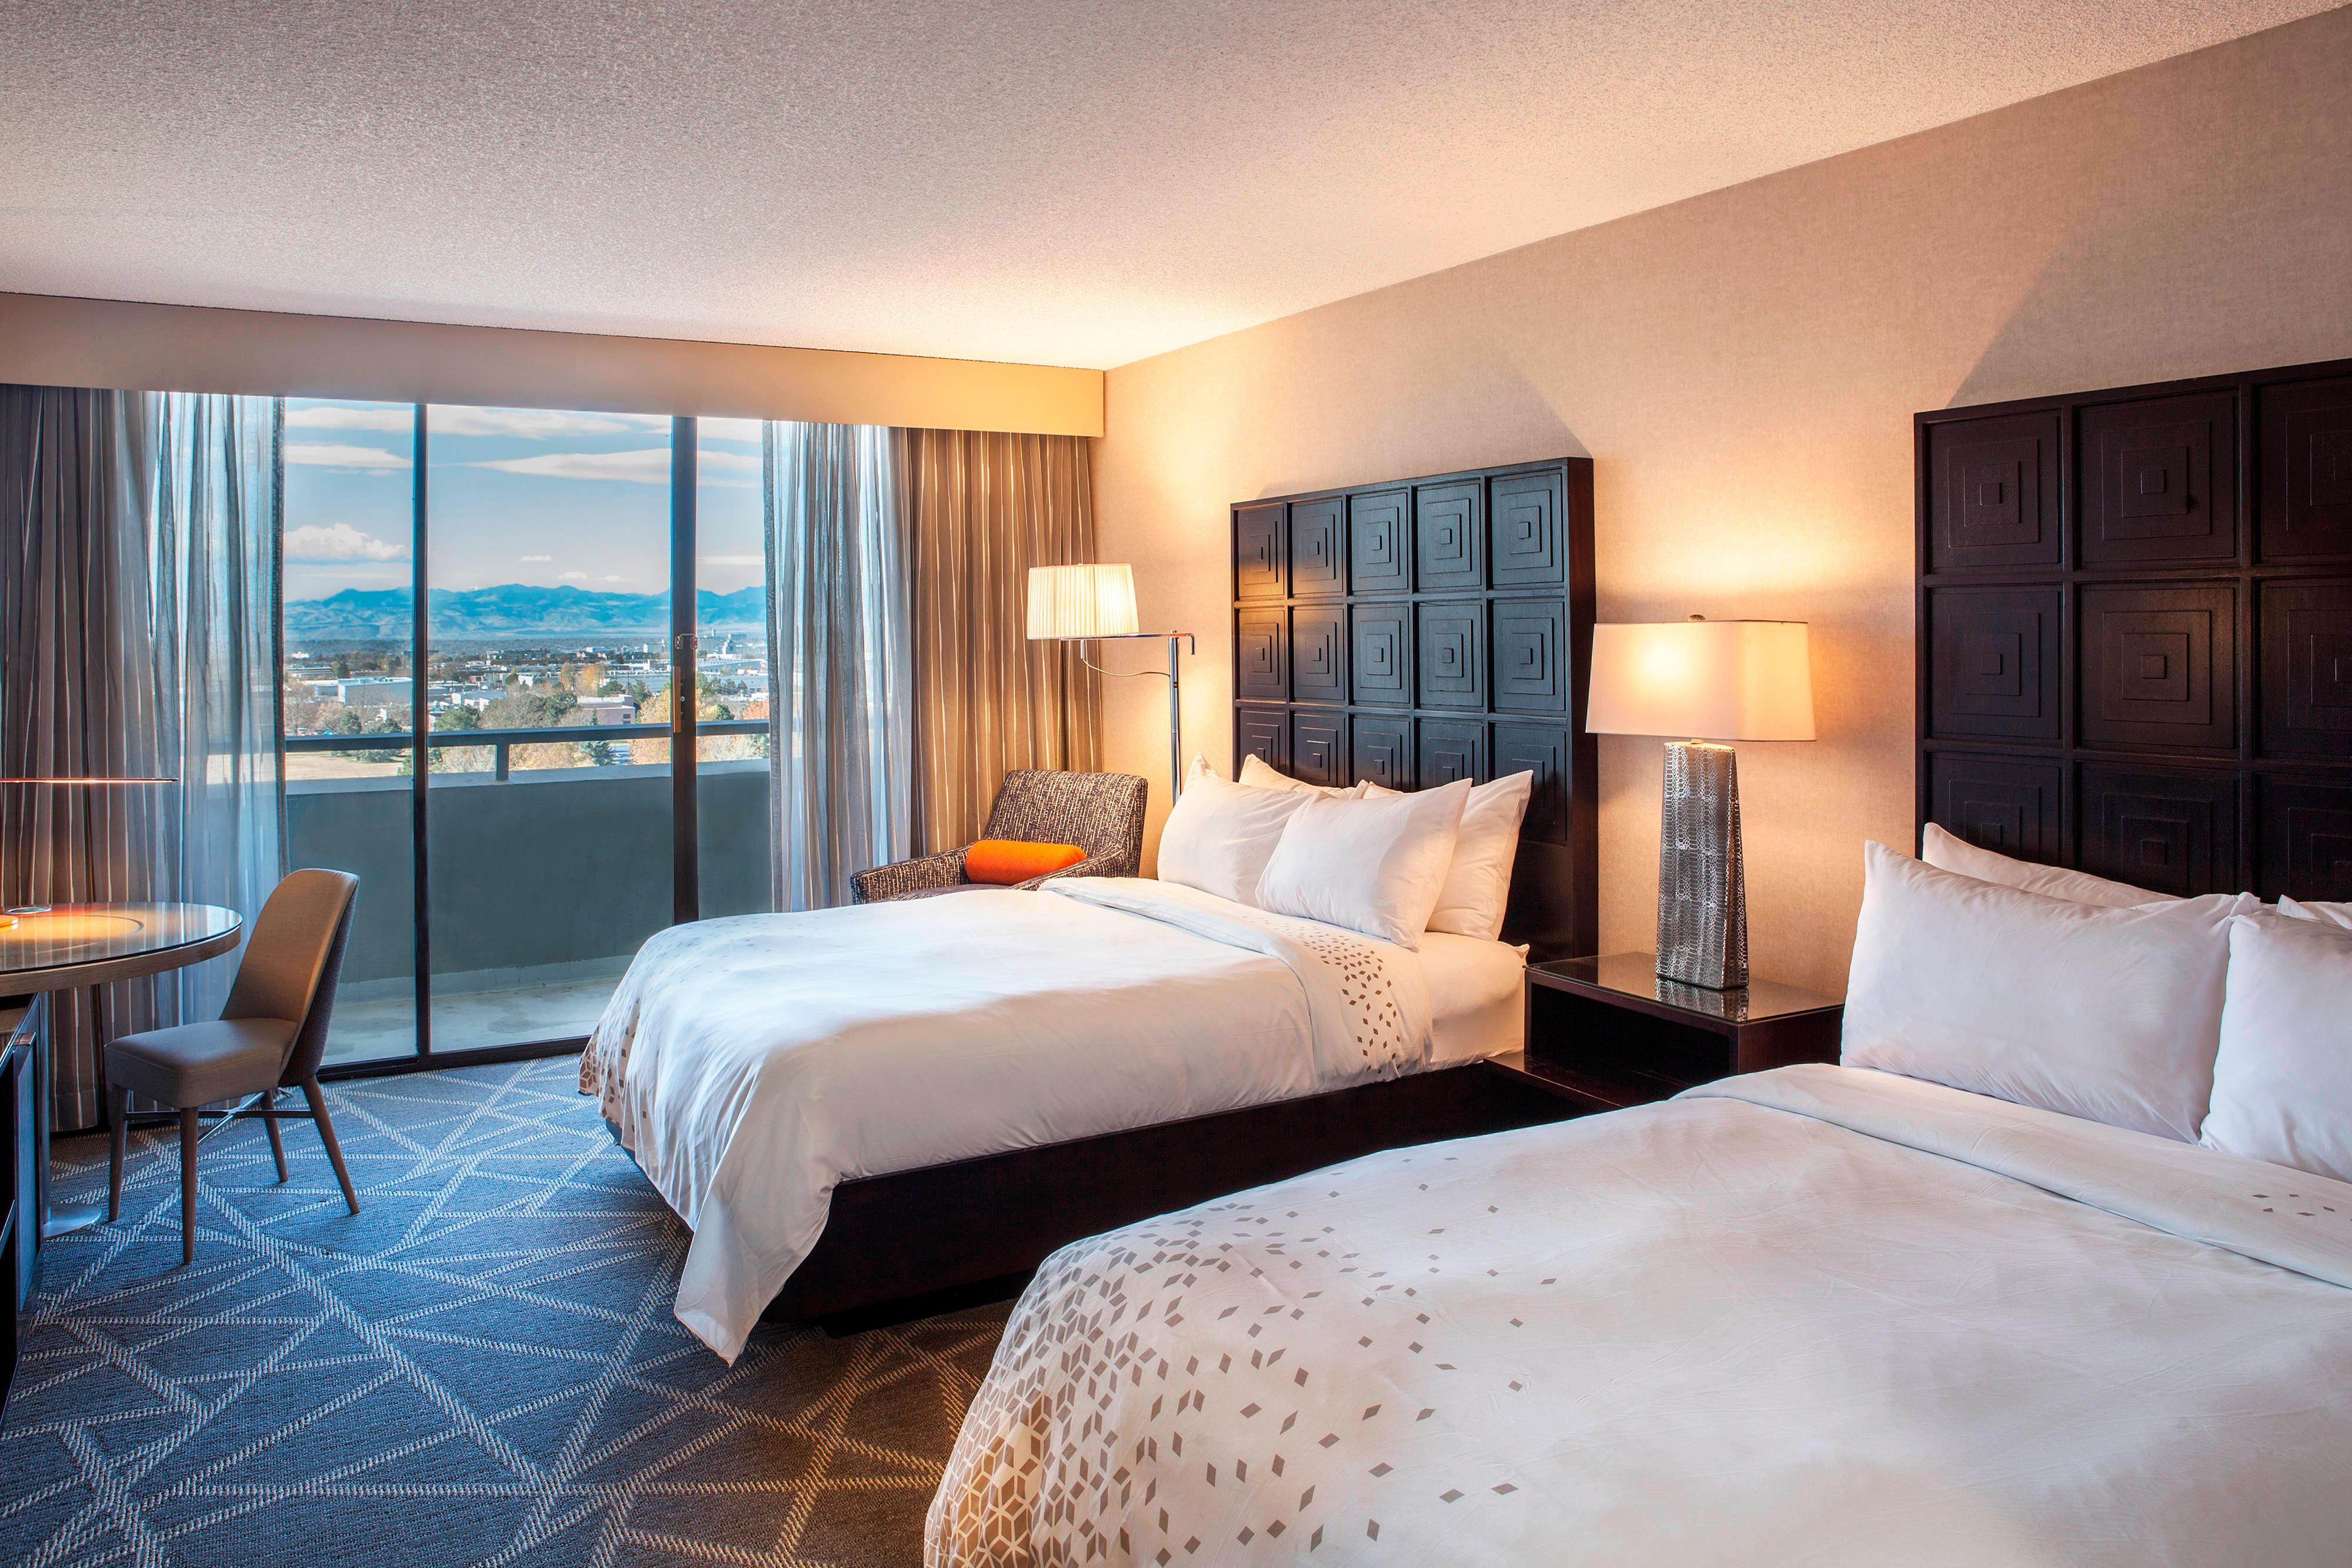 Chambre à deux lits queen size, en étage élevé